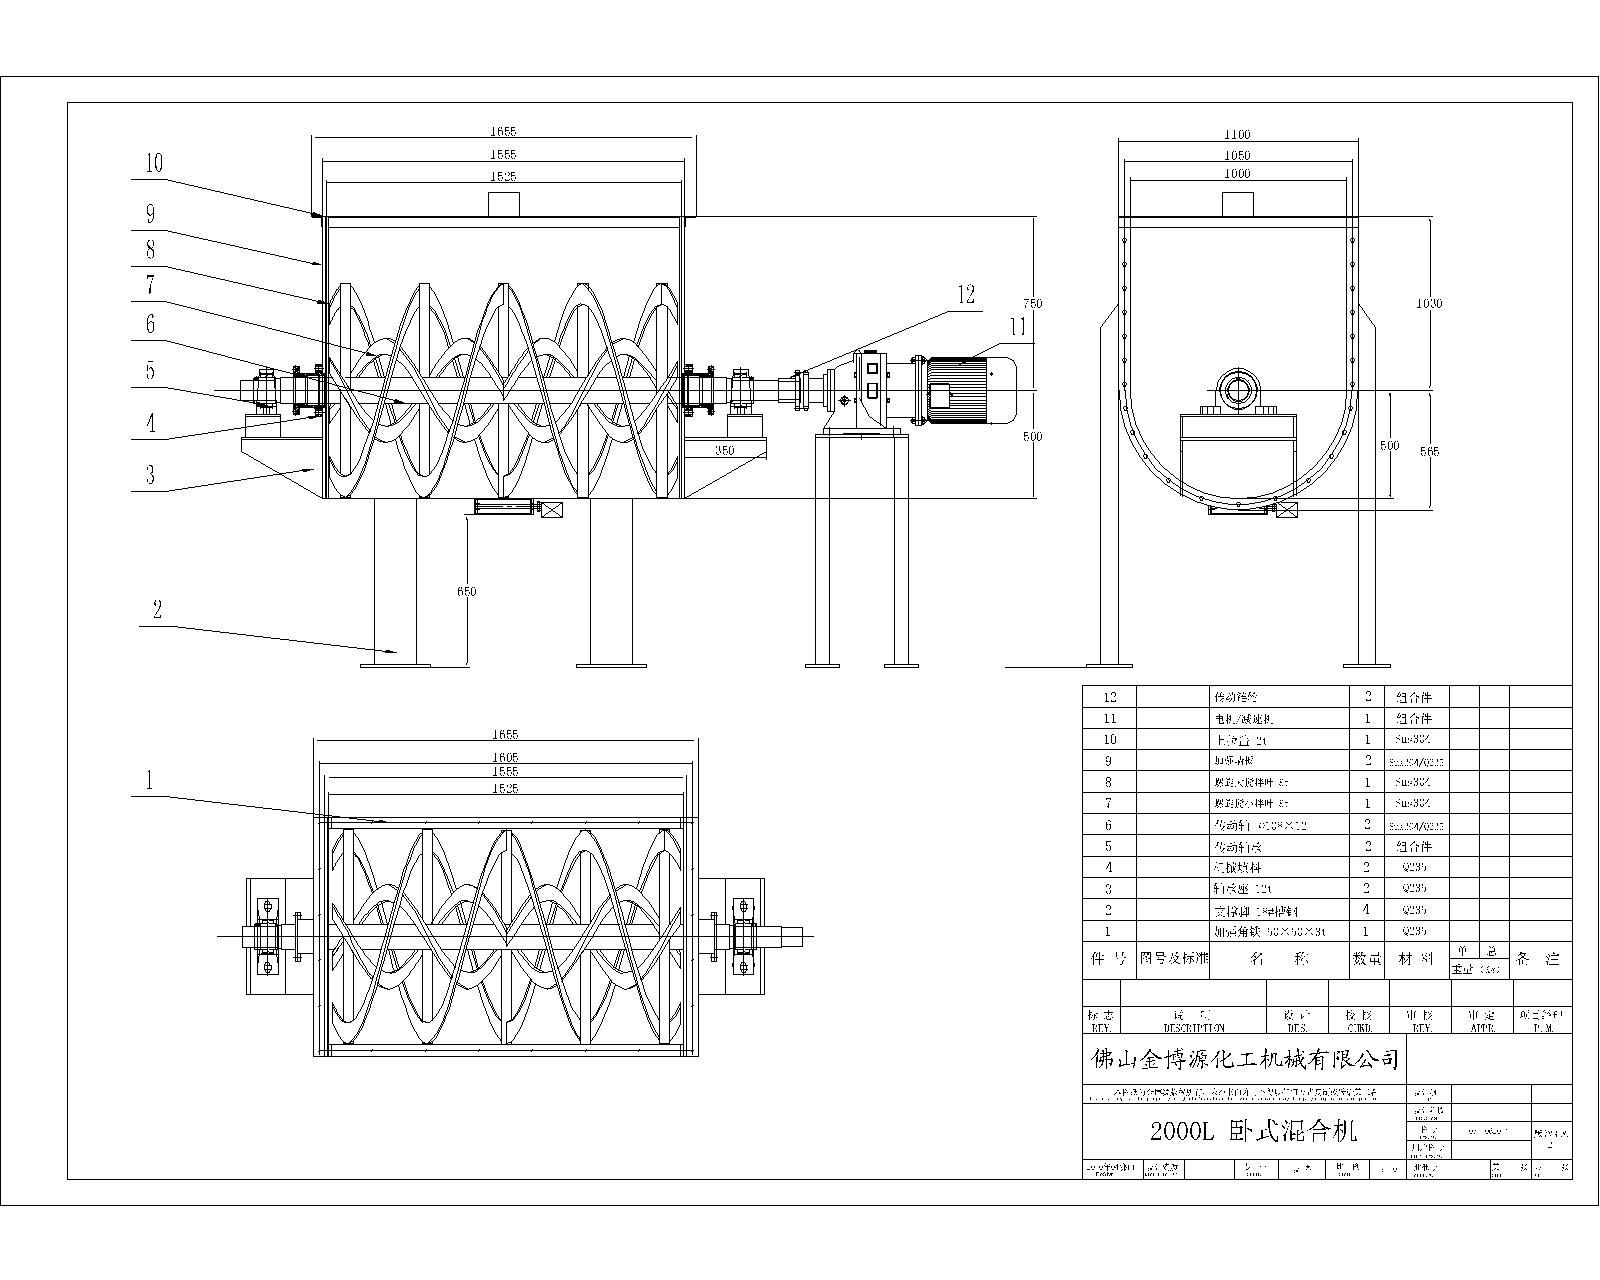 sl_50塑料混合机电路图